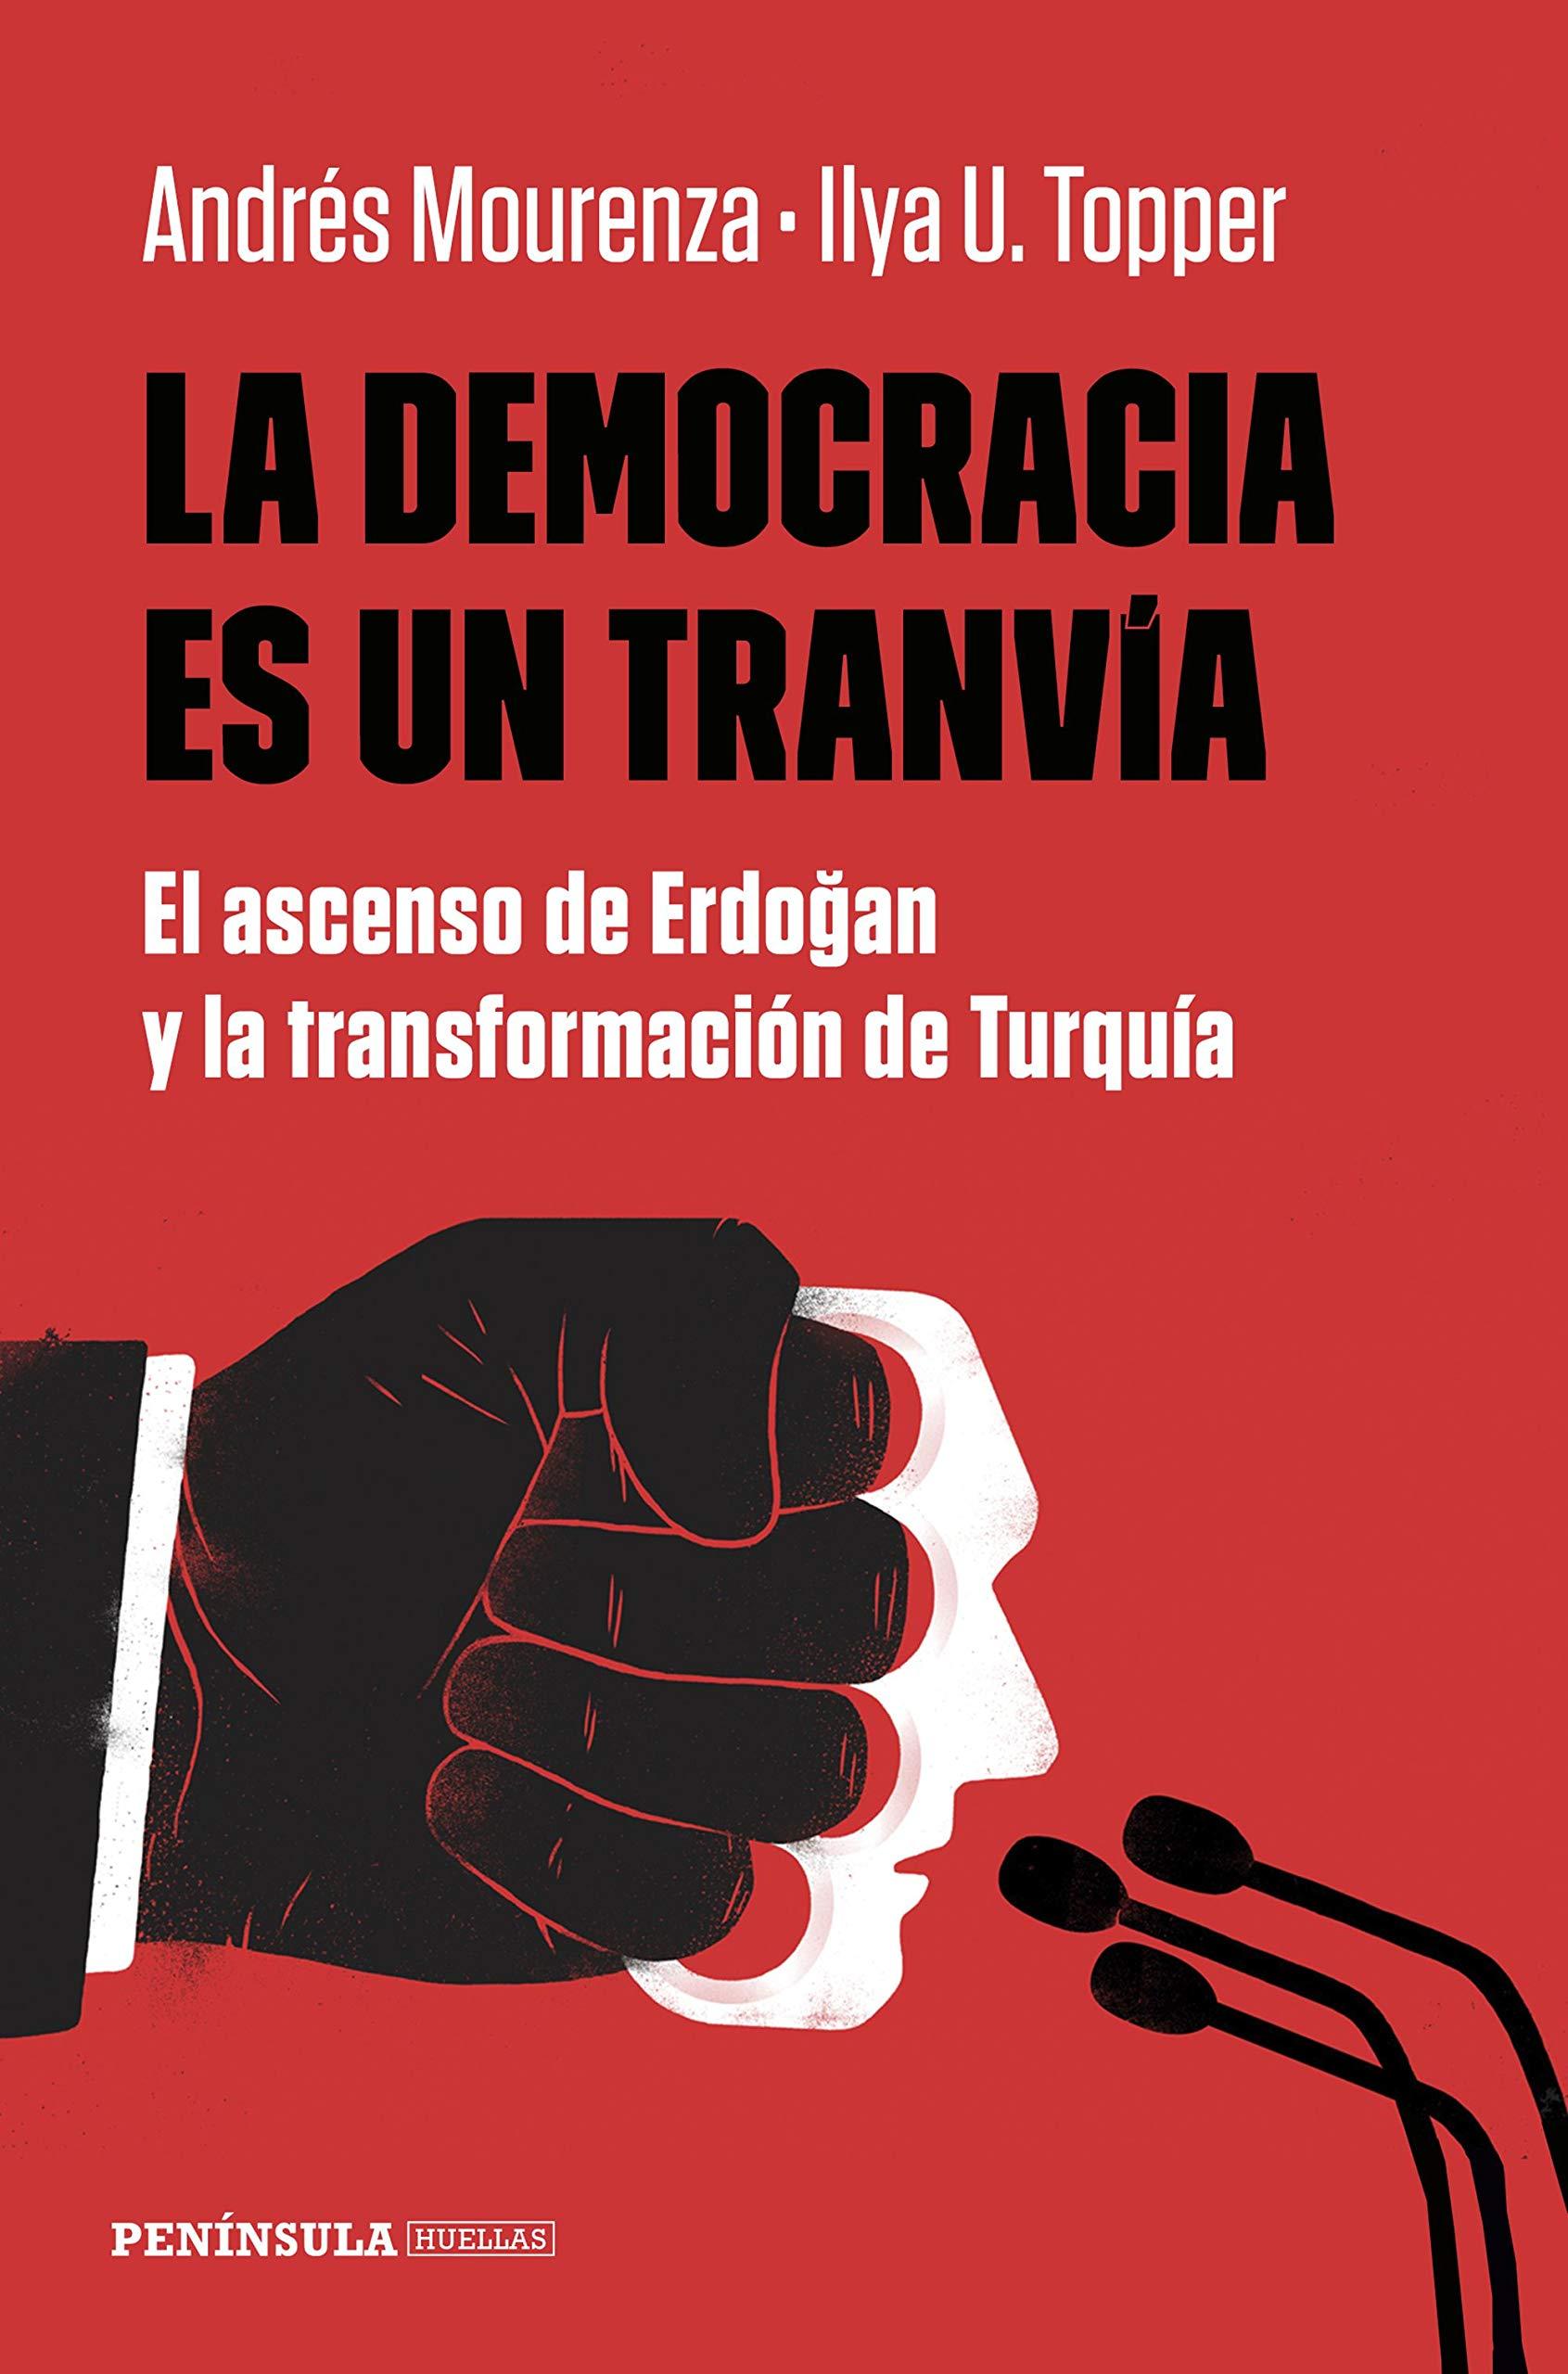 La democracia es un tranvía: El ascenso de Erdogan y la transformación de Turquía (HUELLAS)